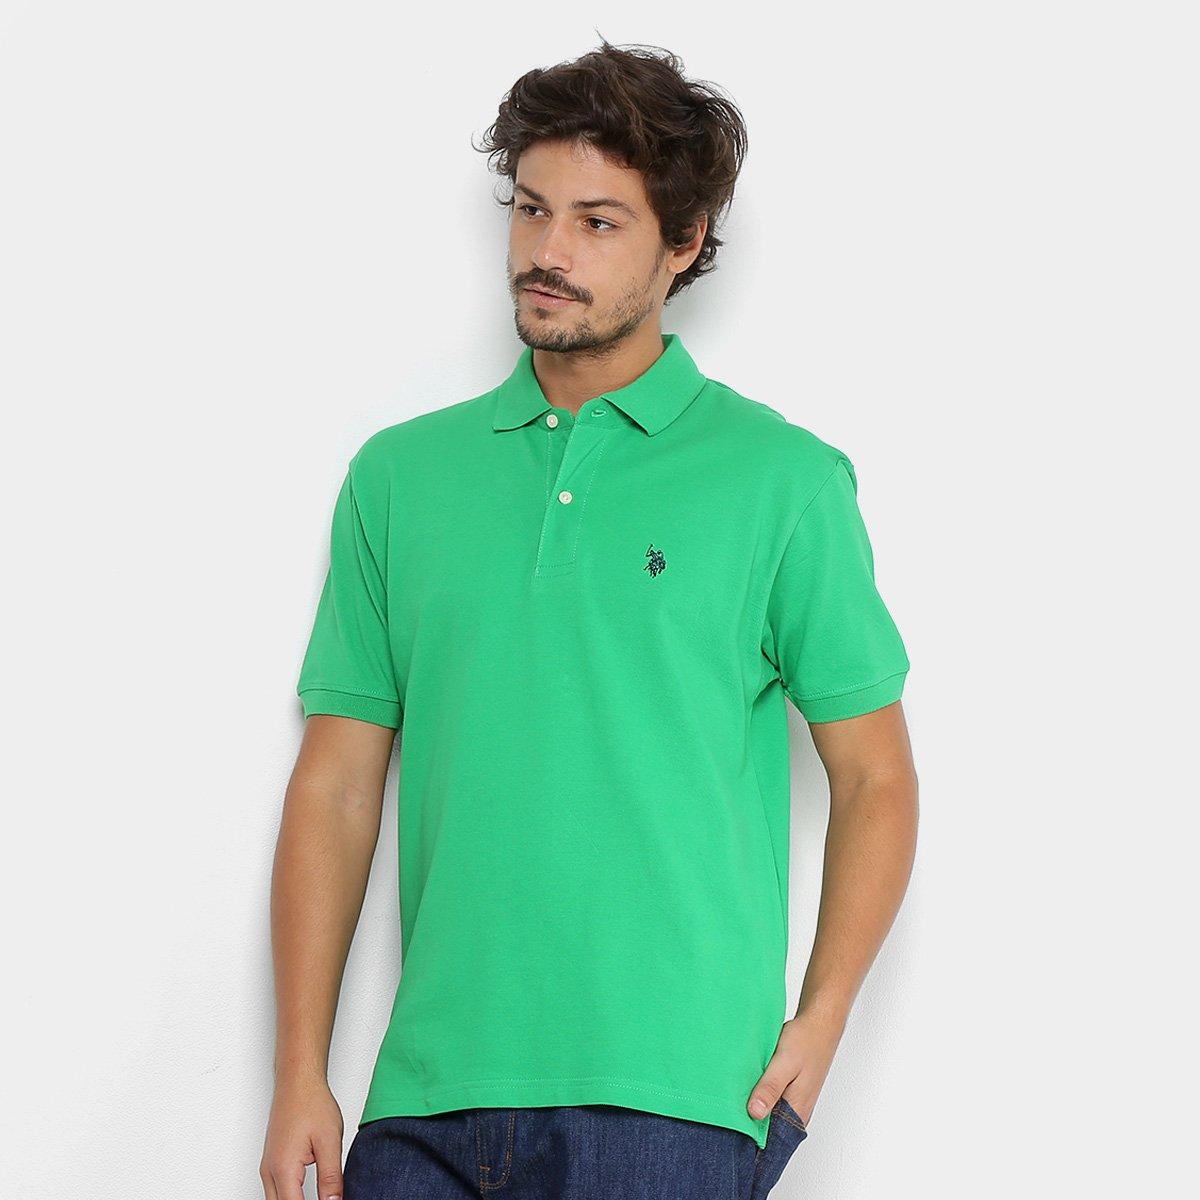 Camisa Polo U.S. Polo Assn Piquet Bordado Masculina - Verde claro ... 754d914ca8e15